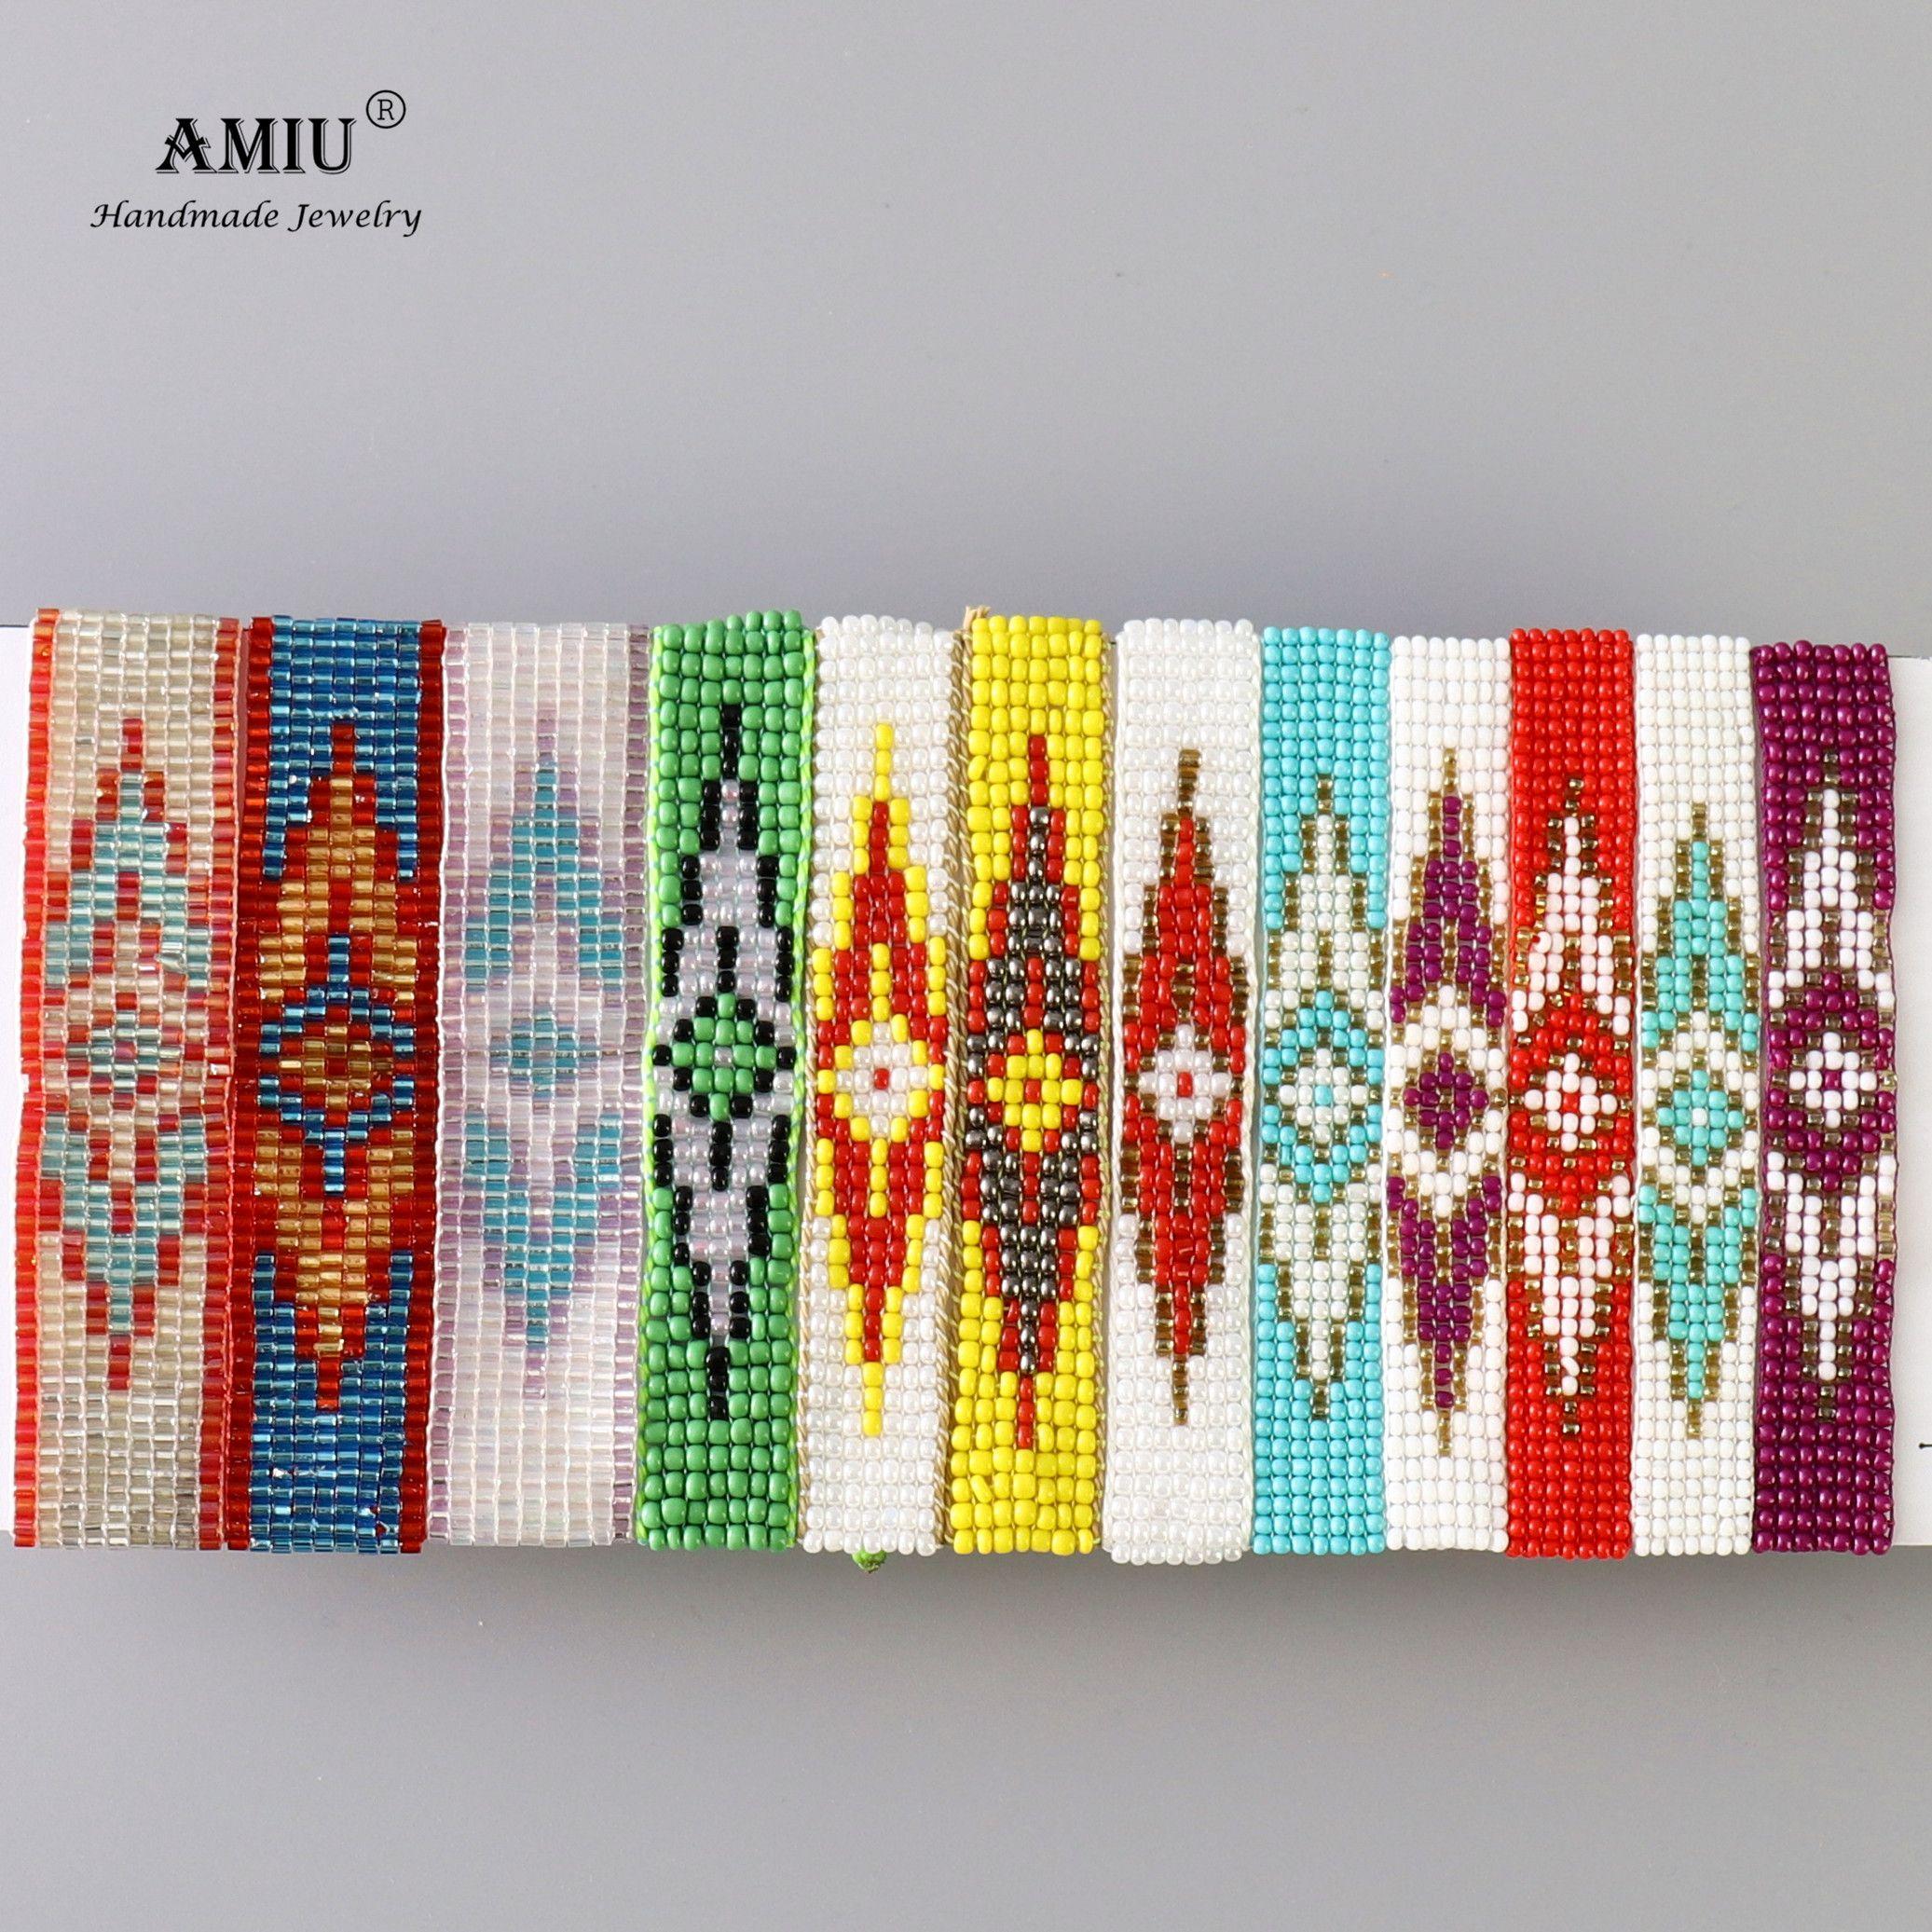 AMIU fait à la main paquet à vendre bohème armure perles amitié Bracelet tissé corde chaîne emballage ensembles 12 pièces pour femmes hommes